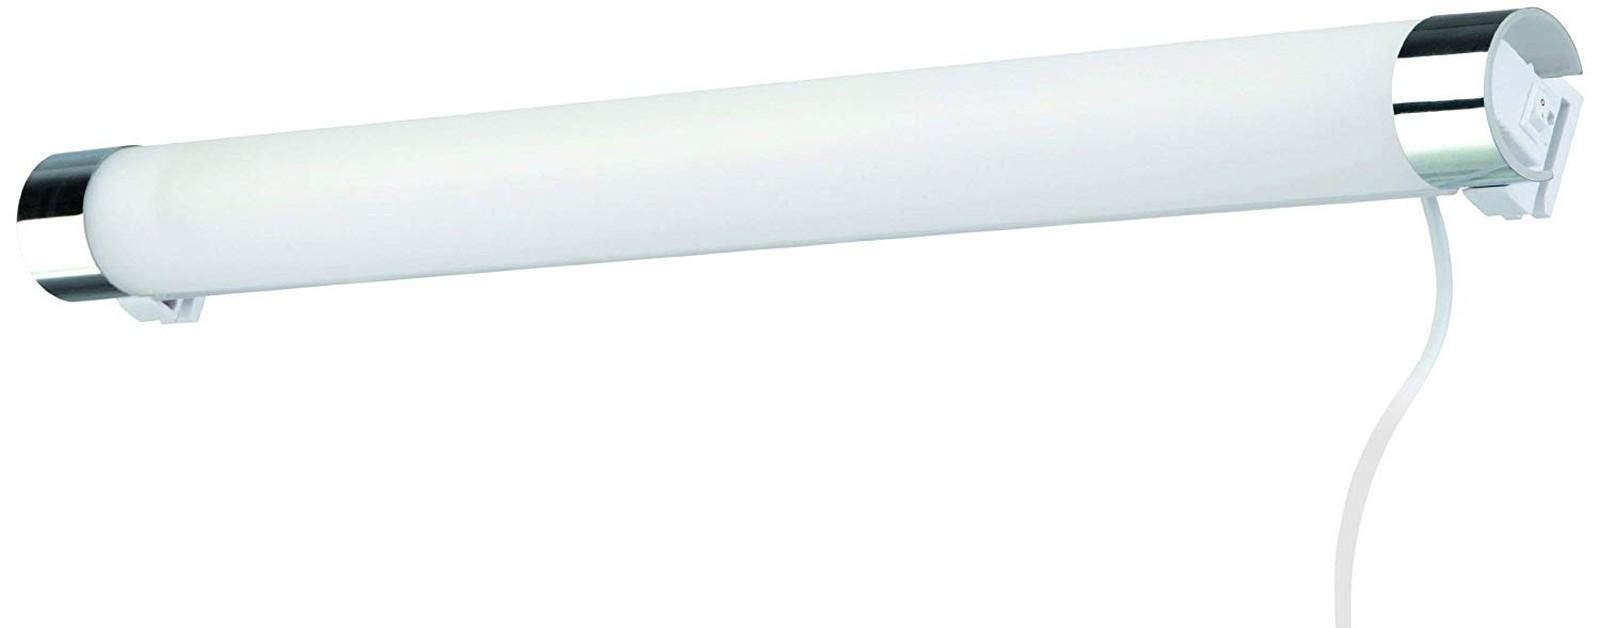 Spiegelleuchte Badezimmerlampe Briloner Surf 2139-018 Schalter Wandlampe Chrom